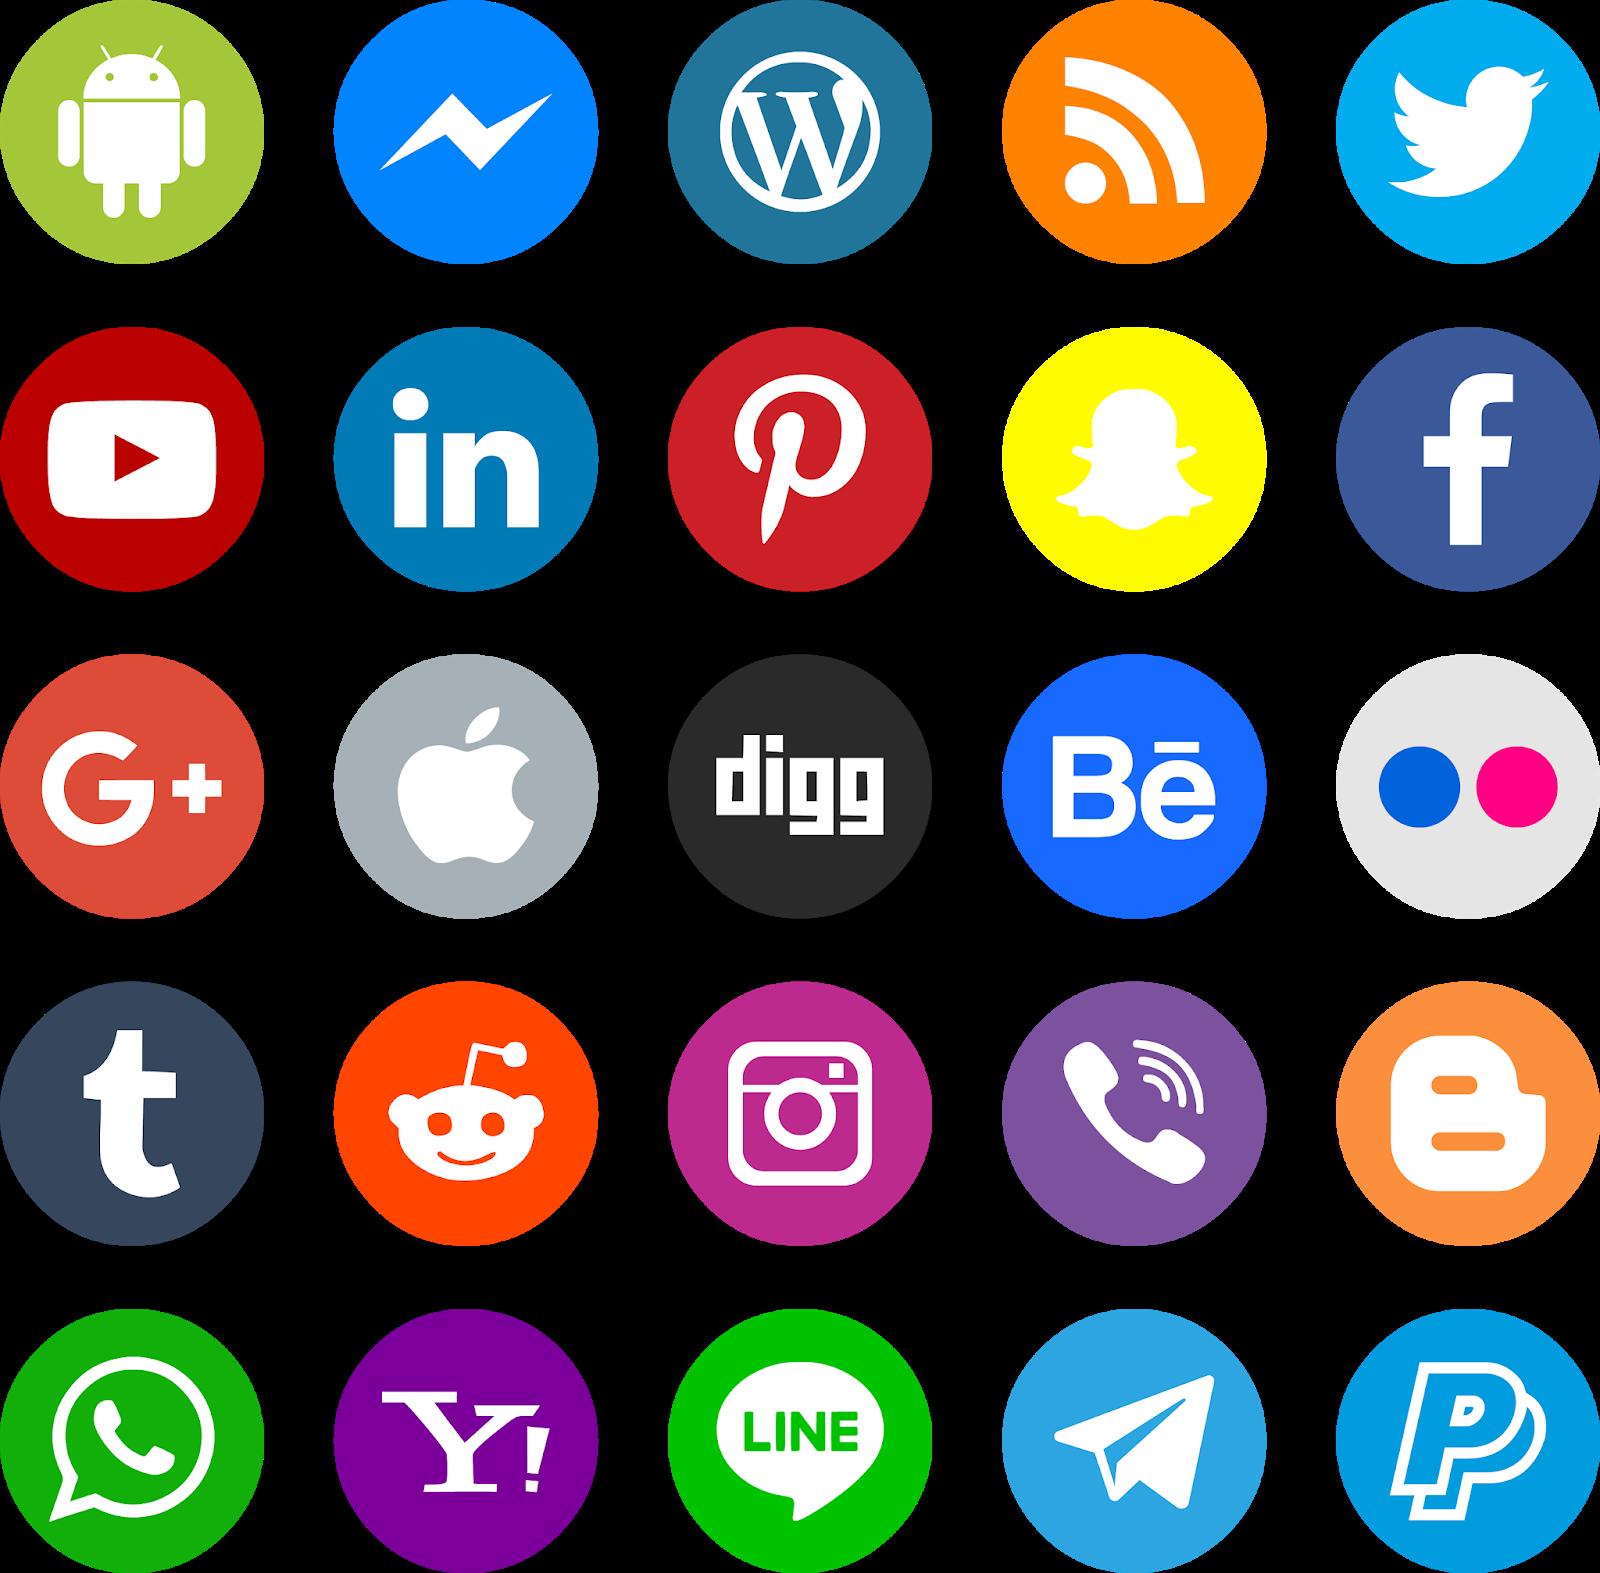 تحميل أيقونات مواقع التواصل الاجتماعي بصيغة psd png